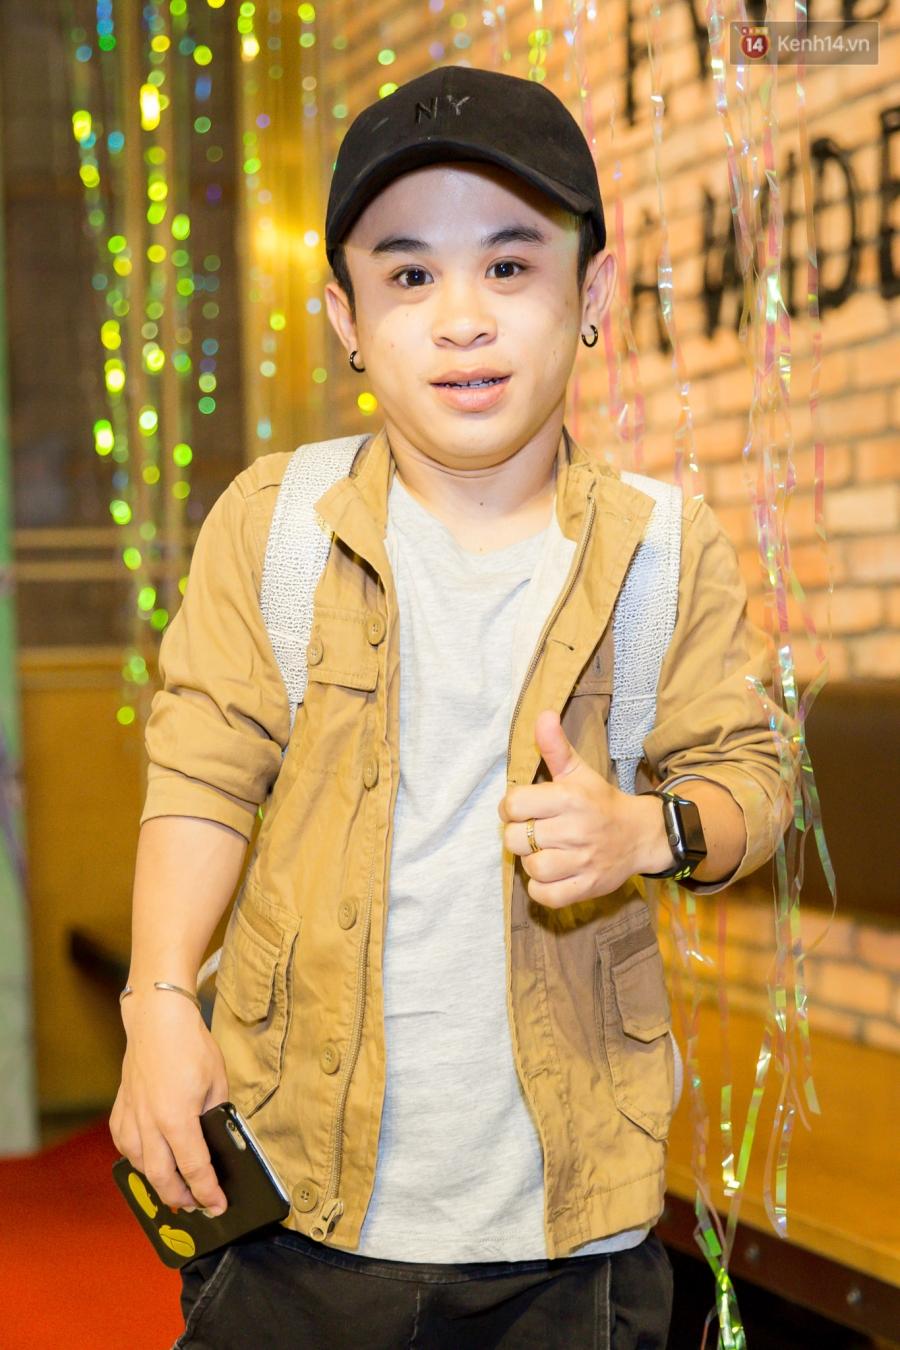 Huỳnh Lập vào vai Em gái... lầy, biến Em gái mưa sầu thảm thành một chuỗi hài kịch cười đau bụng - Ảnh 6.